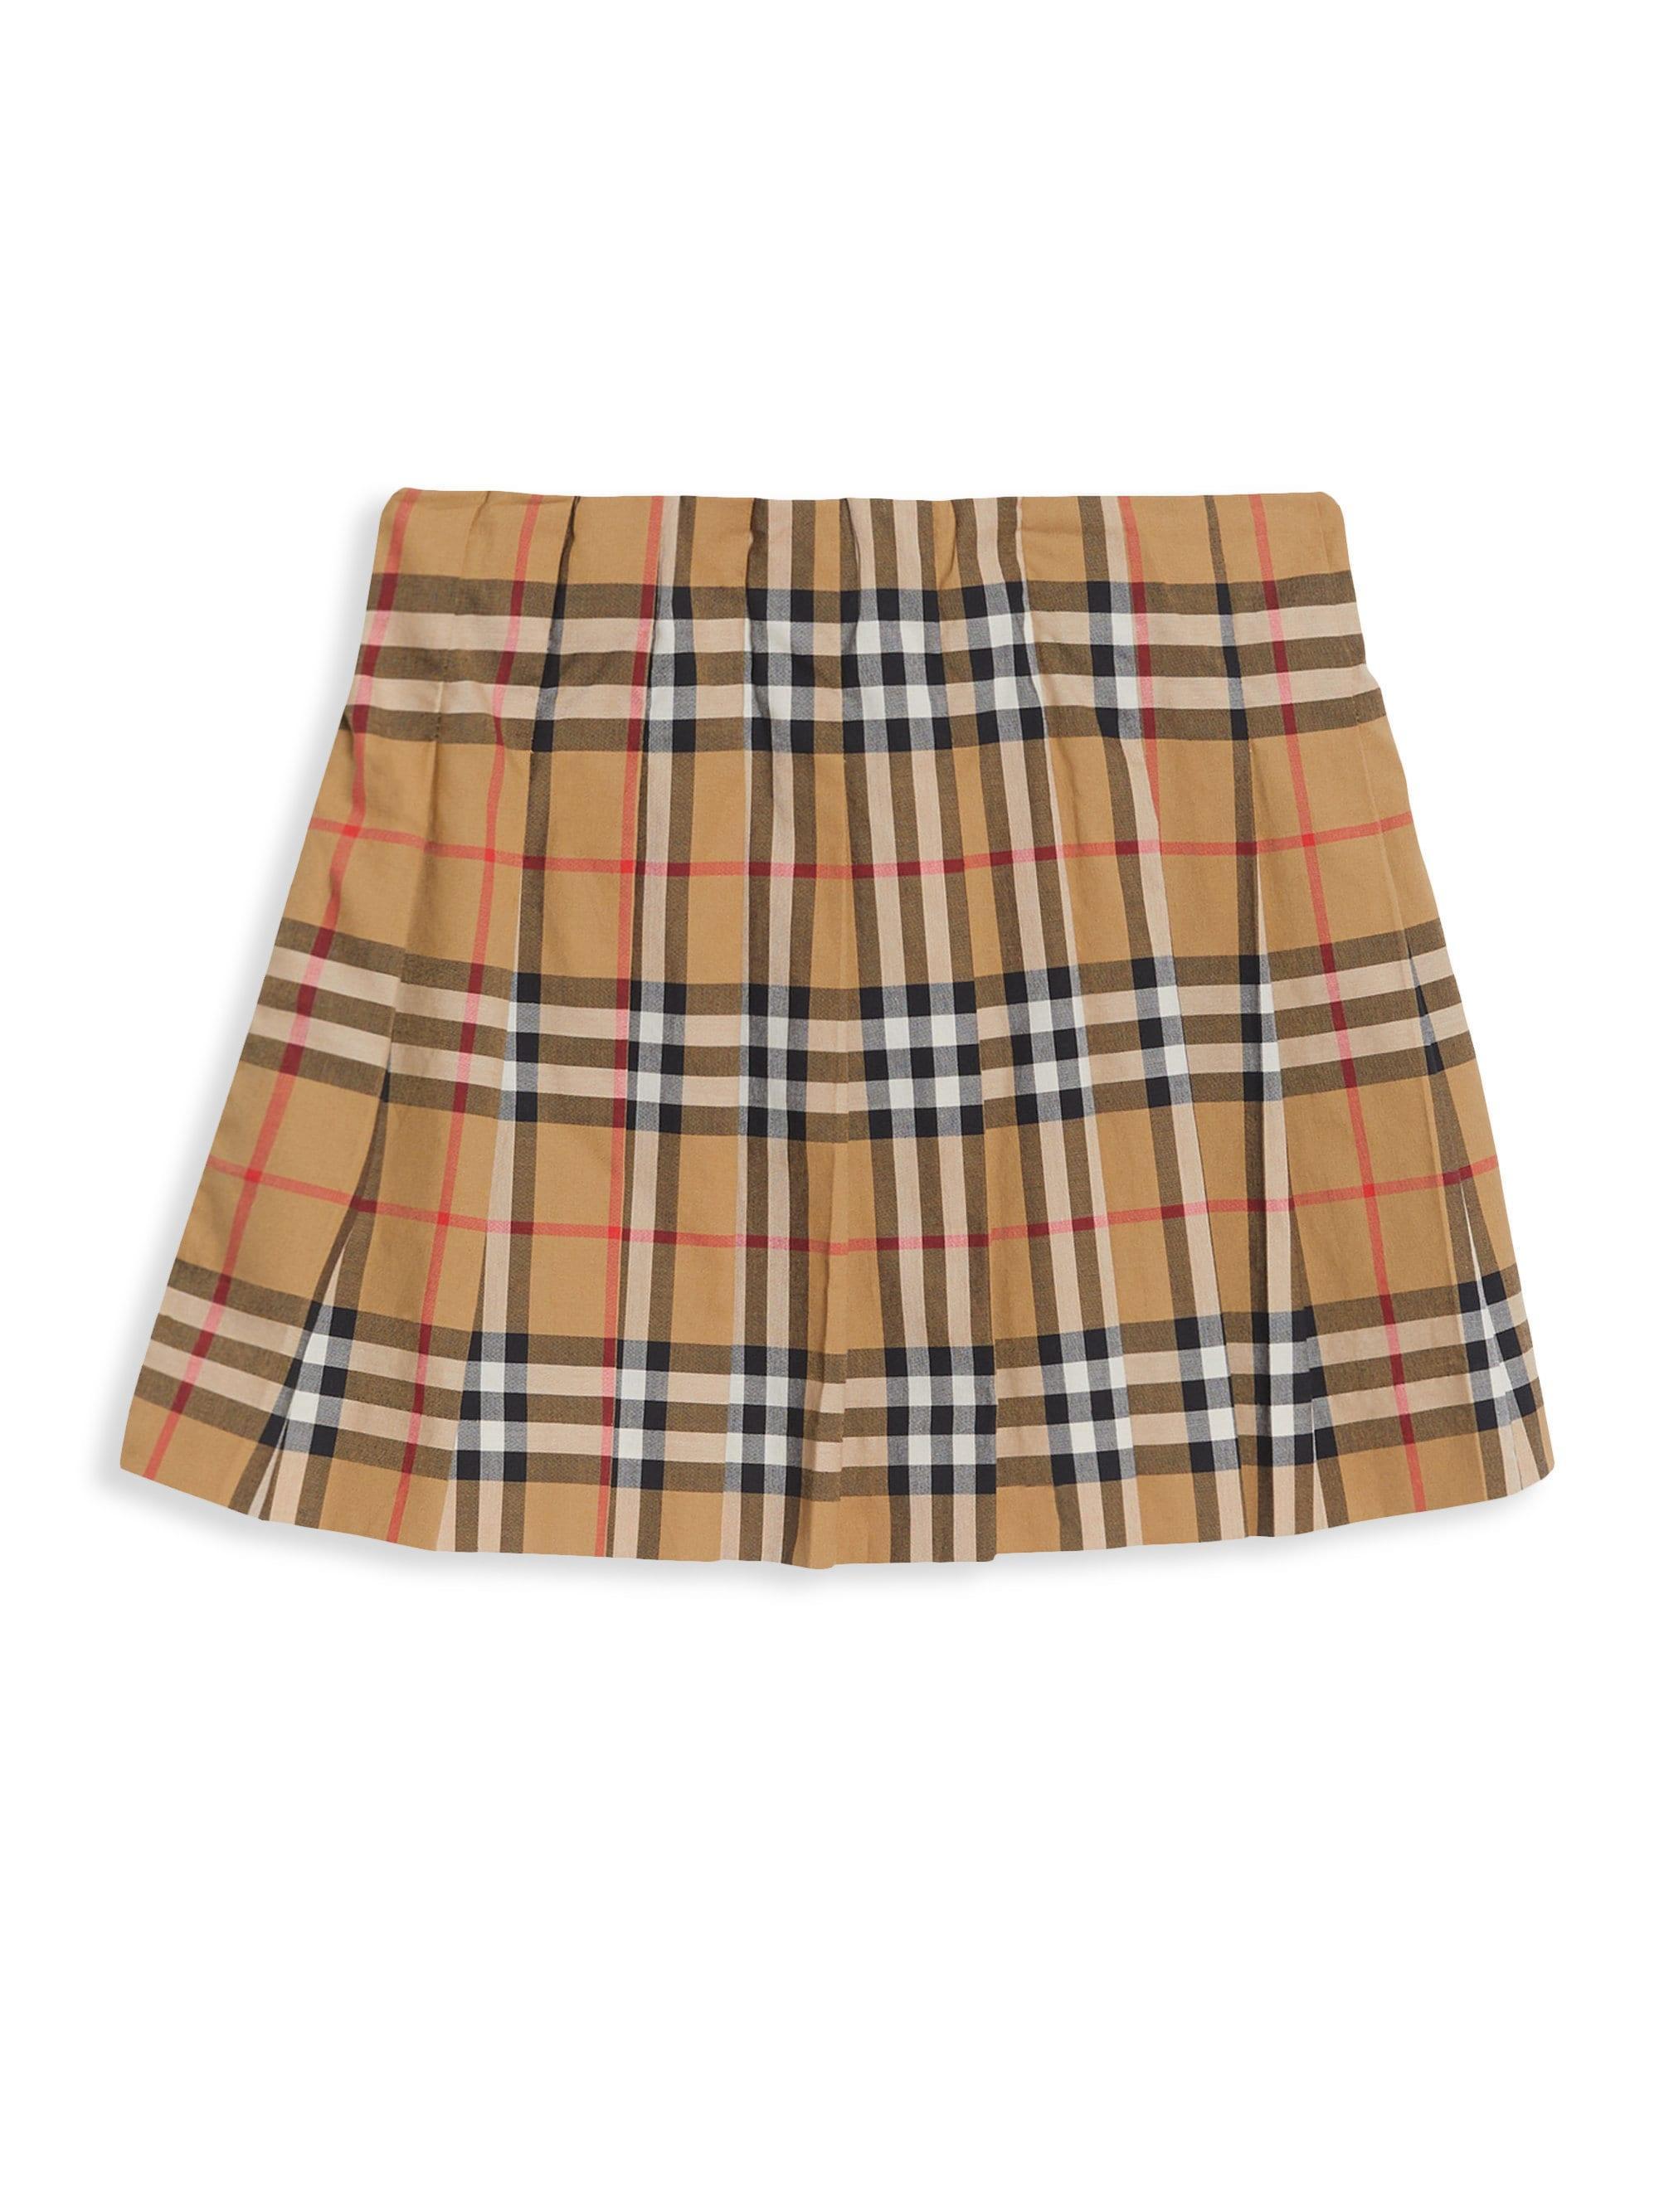 109ecf9db Burberry. Women's Little Girl's & Girl's Tartan A-line Skirt